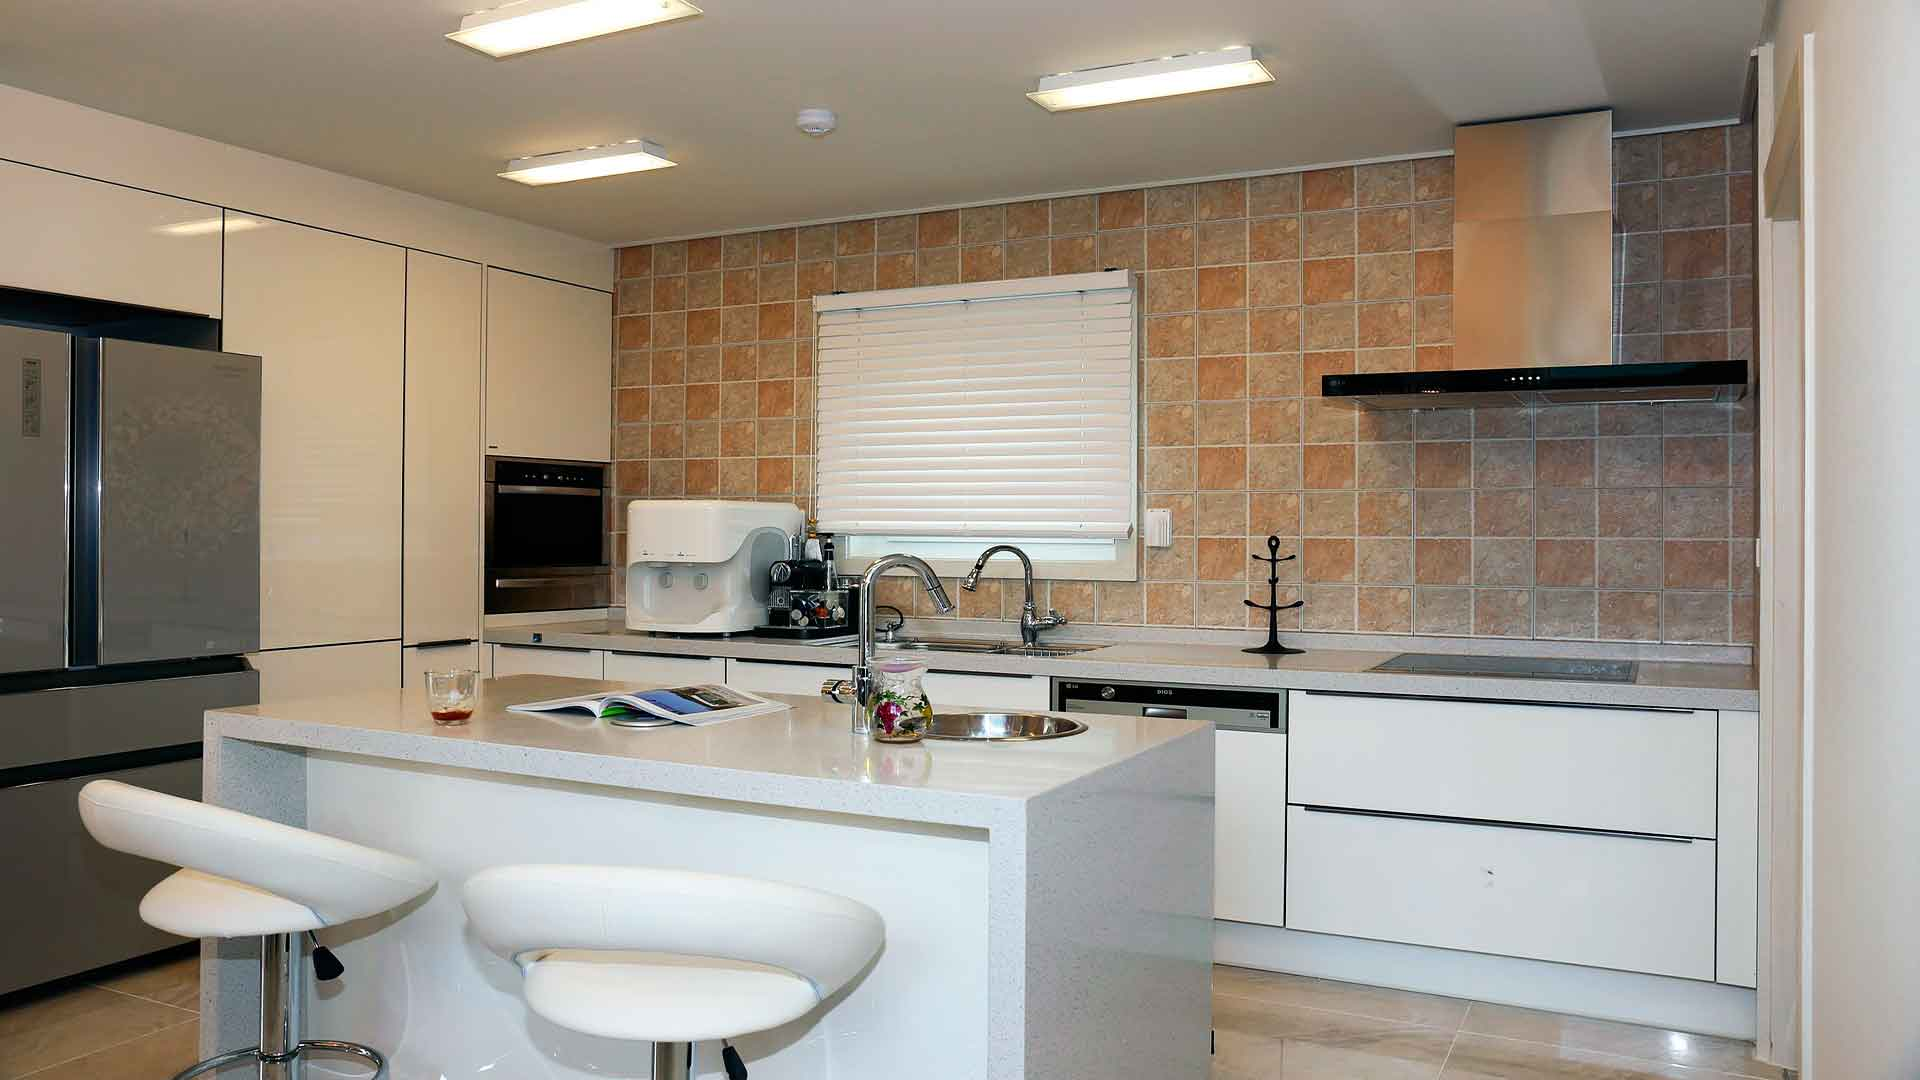 Barras de cocina lexus espa a for Cocina con barra de retorno